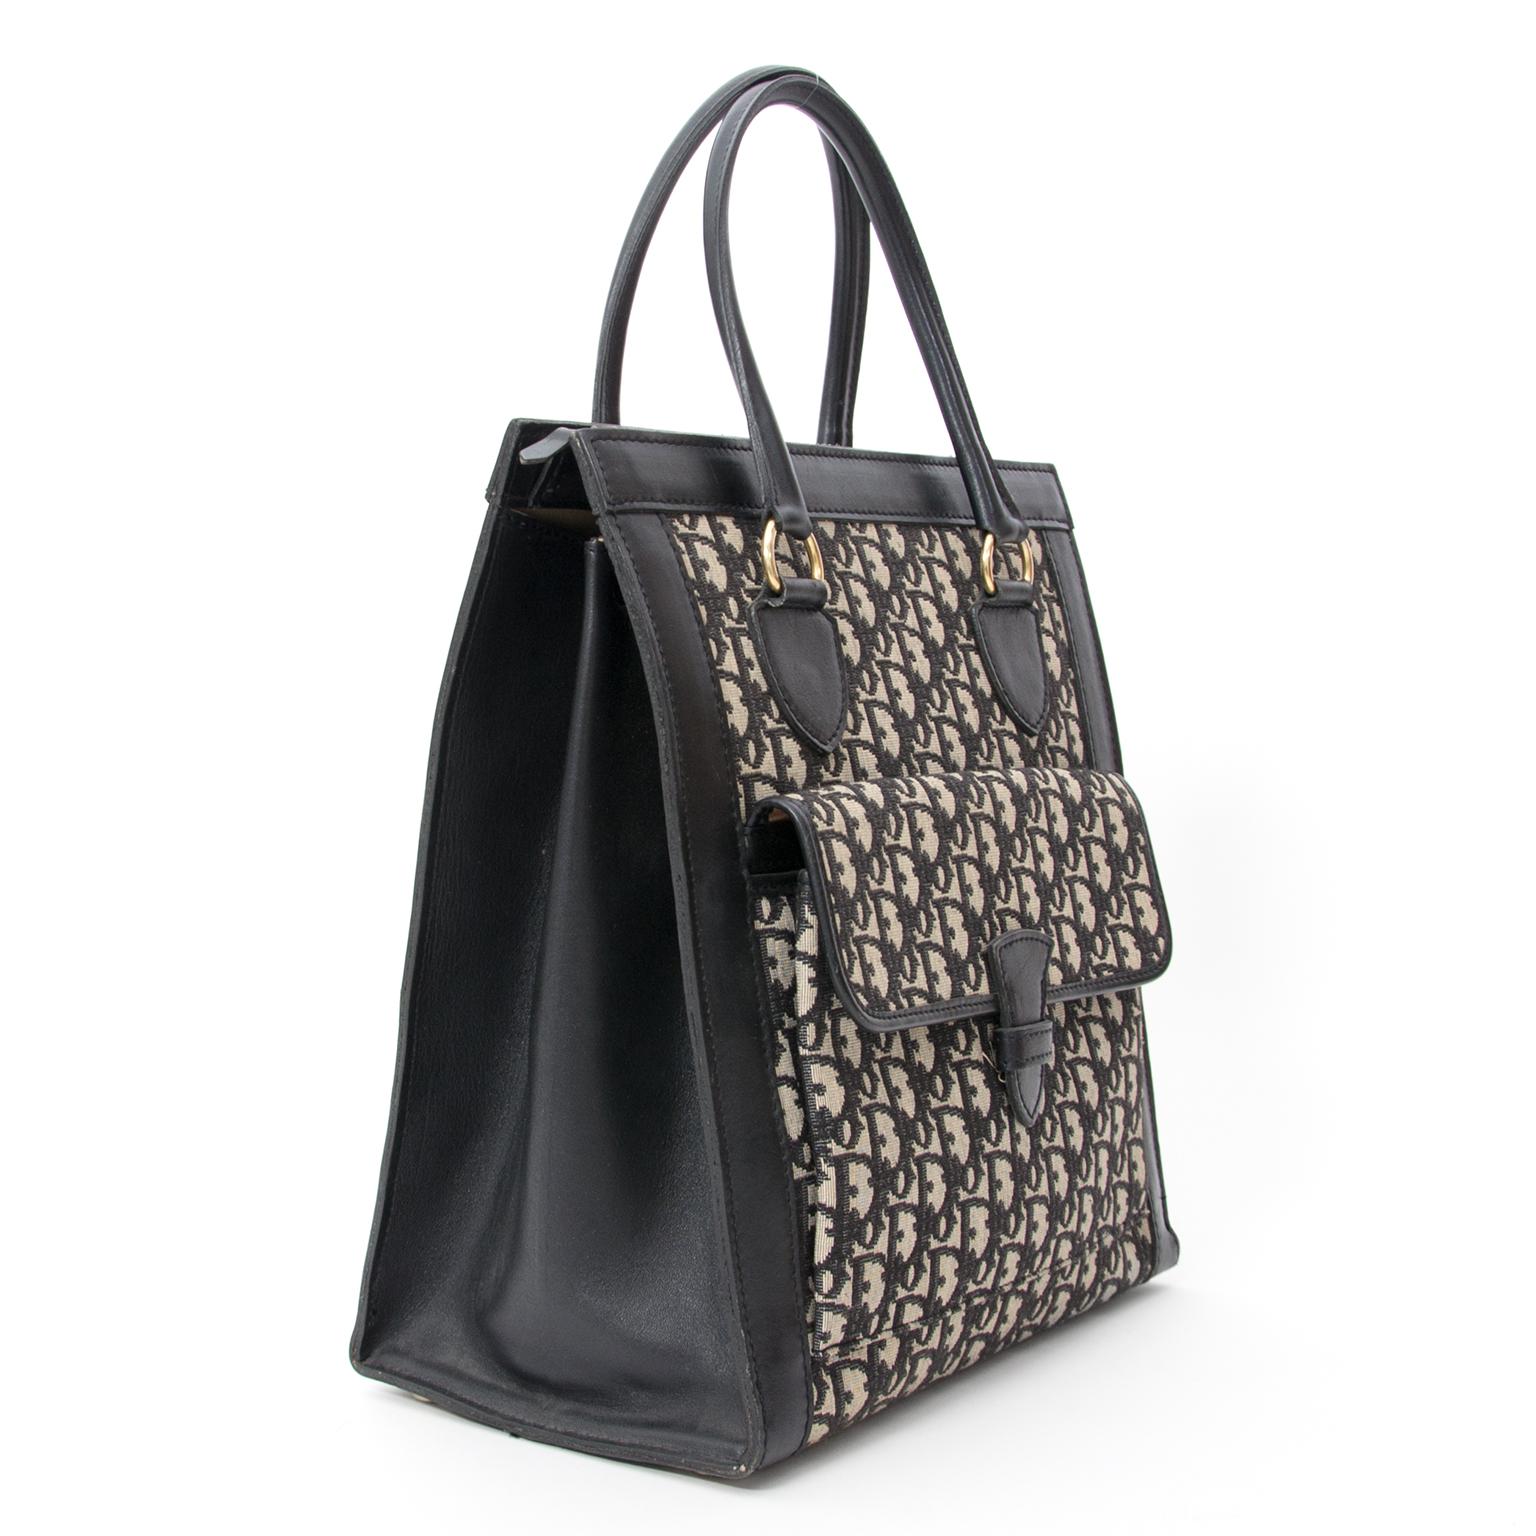 f7793639bbd ... Authentic vintage black tote safe and secure online shoppen LabelLov  veilig vintage merken · Dior